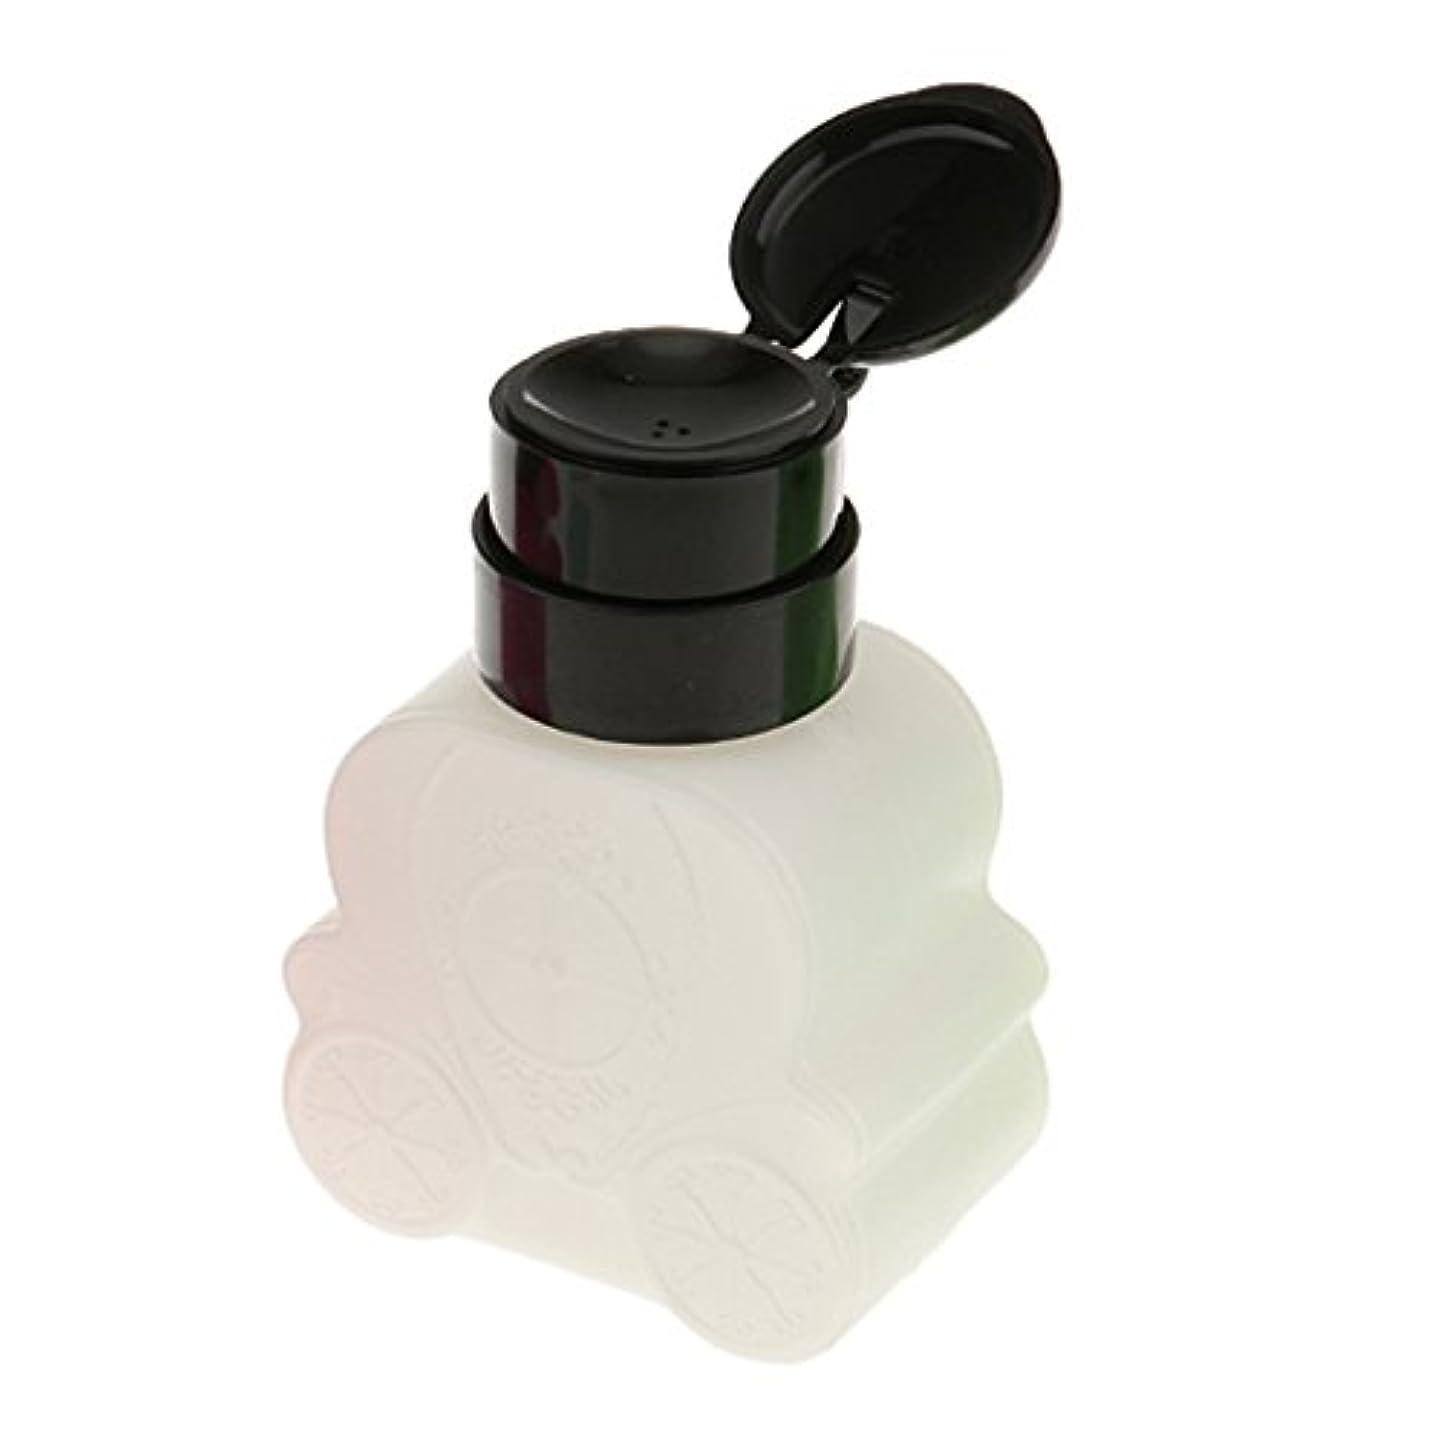 猫背猛烈な委員会Kesoto ネイルクリーナーボトル ポンプ 車型 防揮発 耐久 ネイル清潔 便利 240ml